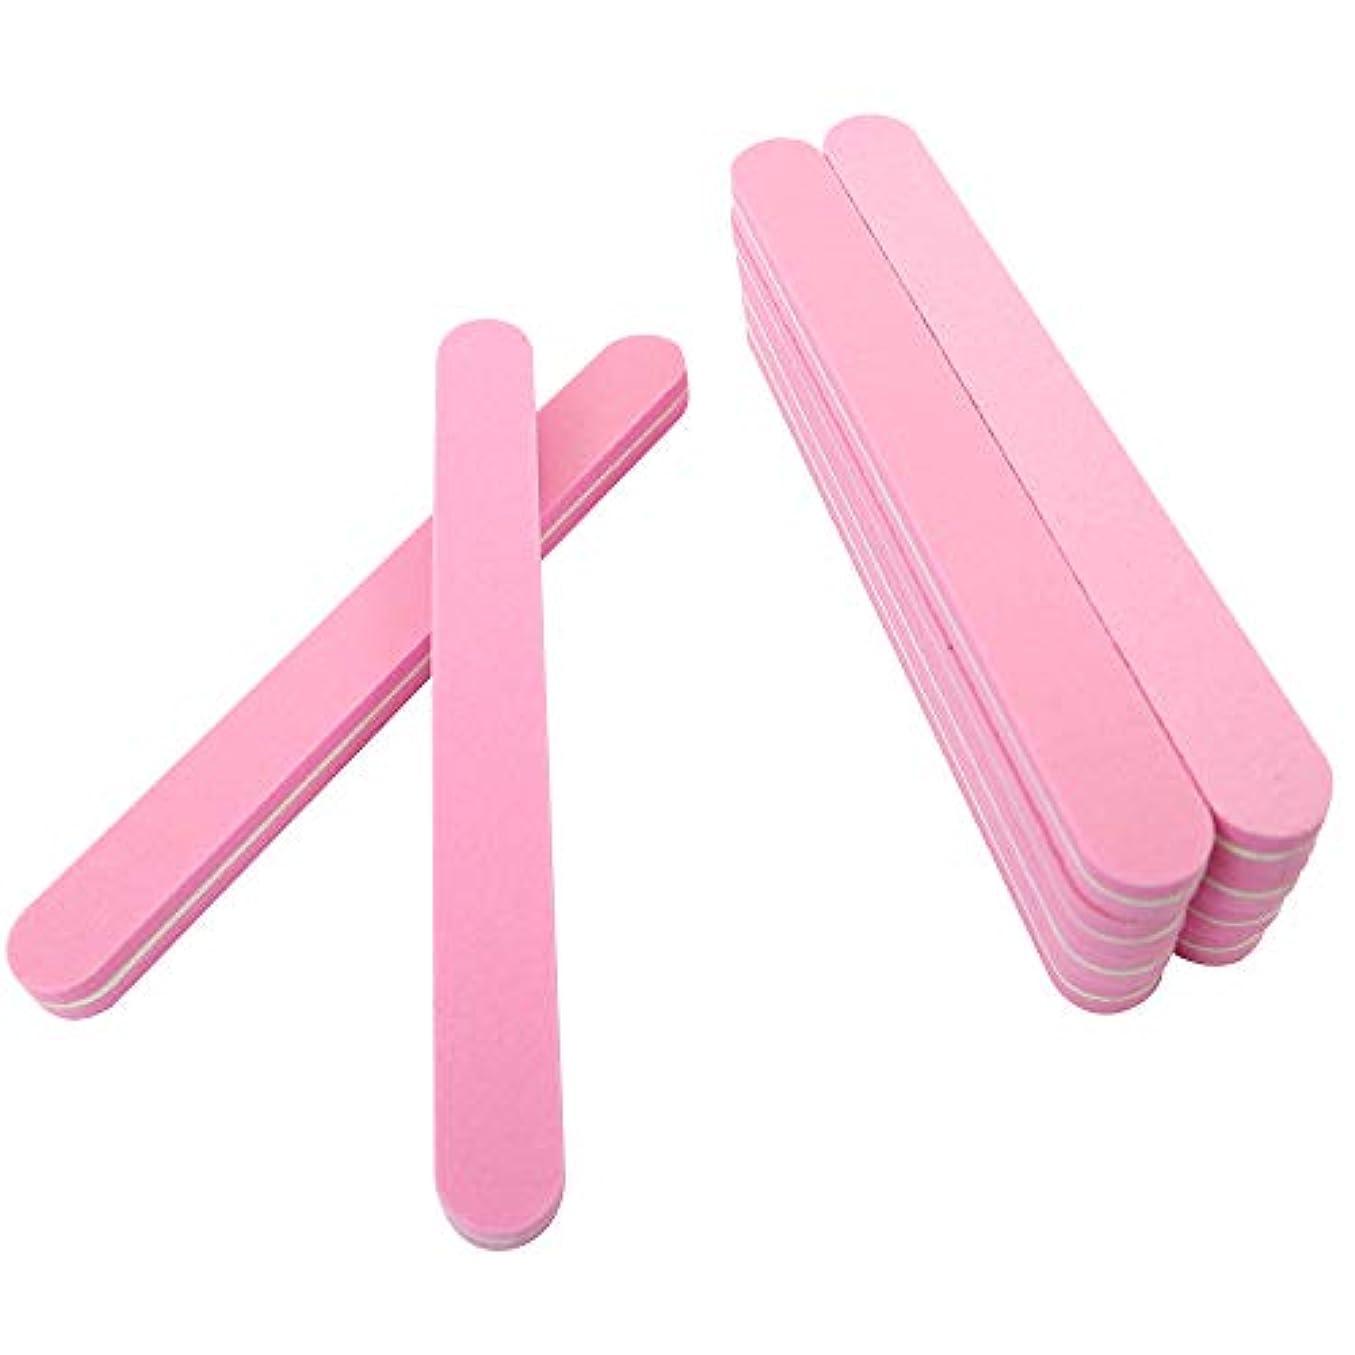 雑多な子供時代実行可能SIEG つめピカ 爪やすり 爪先美人をめざす2ステップ磨きのネイルシャイナー 10本セット